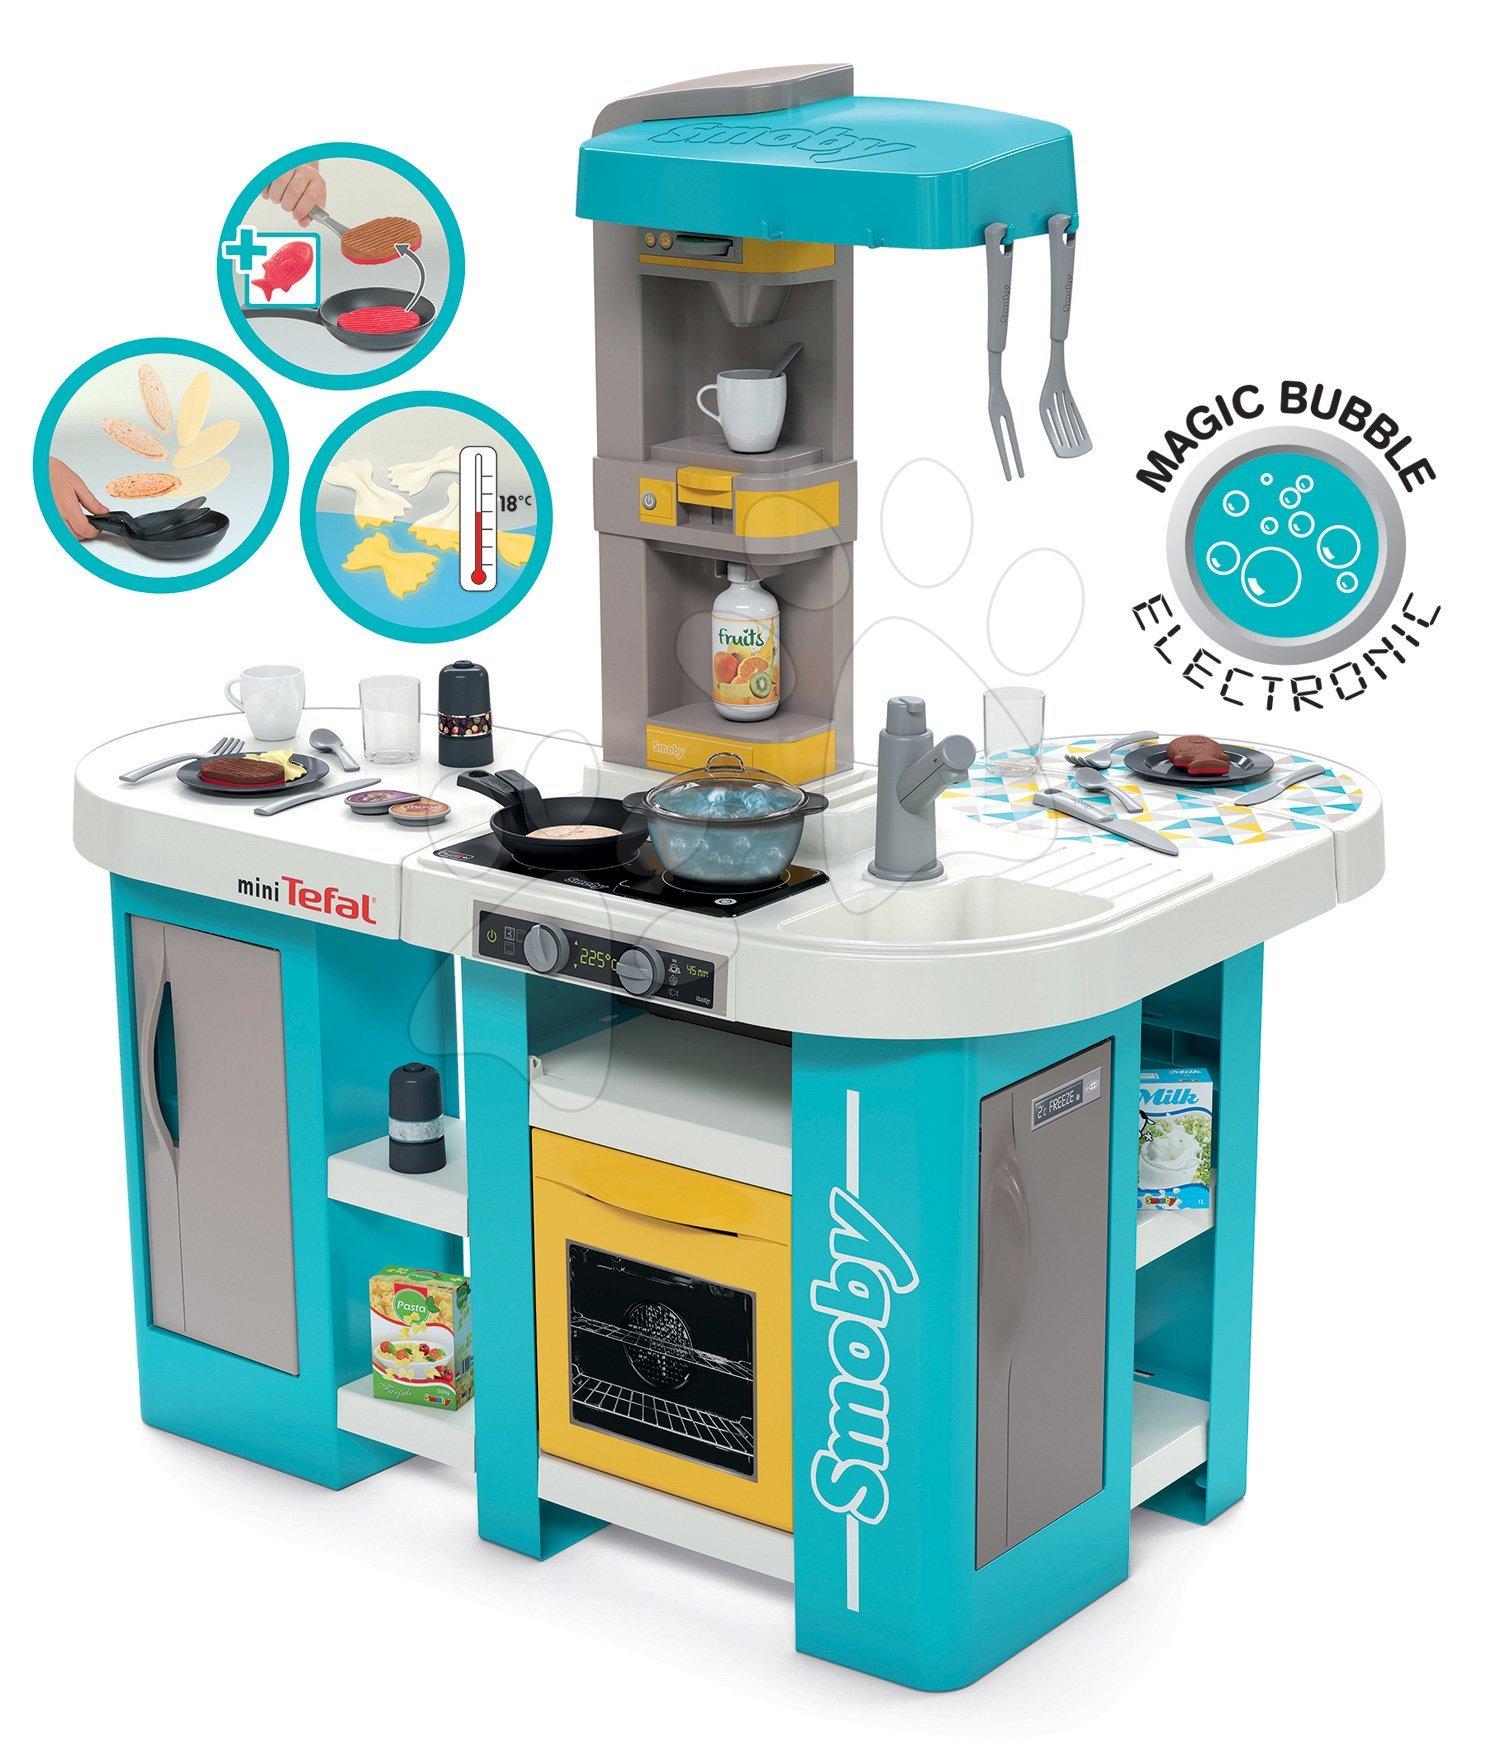 Kuchyňka elektronická Tefal Studio 360° XL Bubble Smoby tyrkysovo-žlutá s magickým bubláním a těstovinami s 34 doplňky